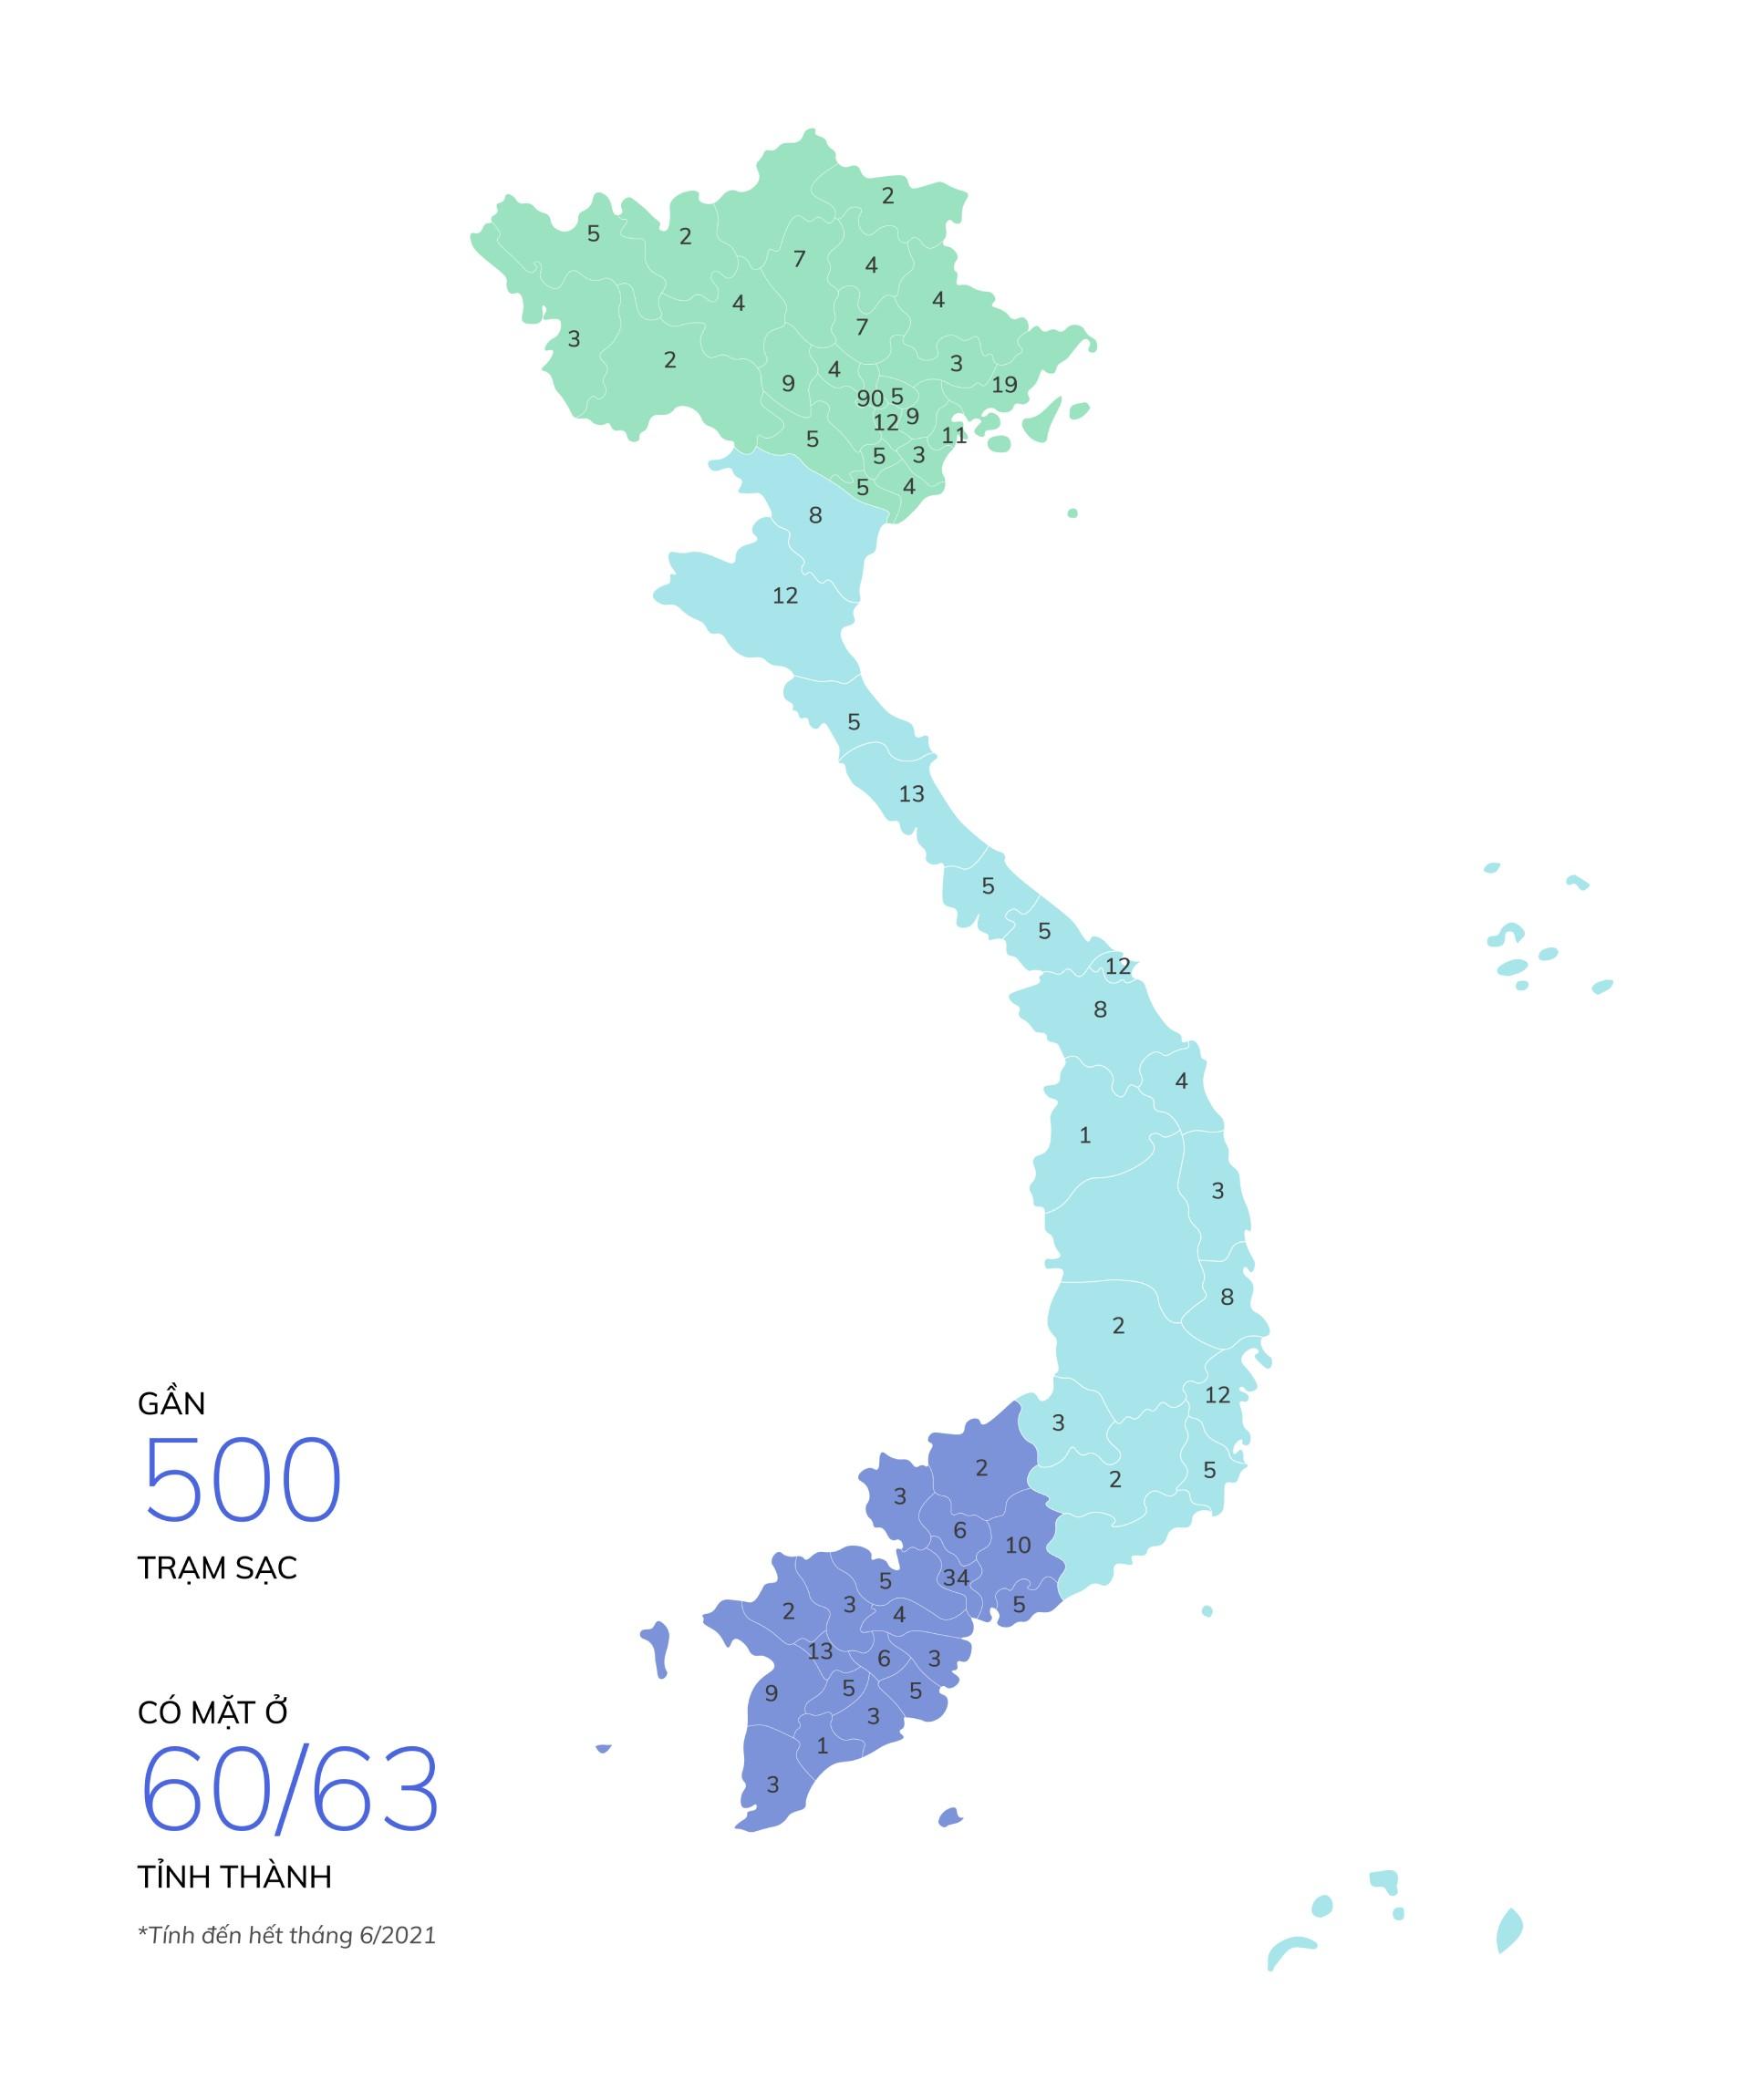 VinFast lắp đặt thần tốc hơn 8.100 cổng sạc ô tô, xe máy điện tại 60 tỉnh thành - Ảnh 1.